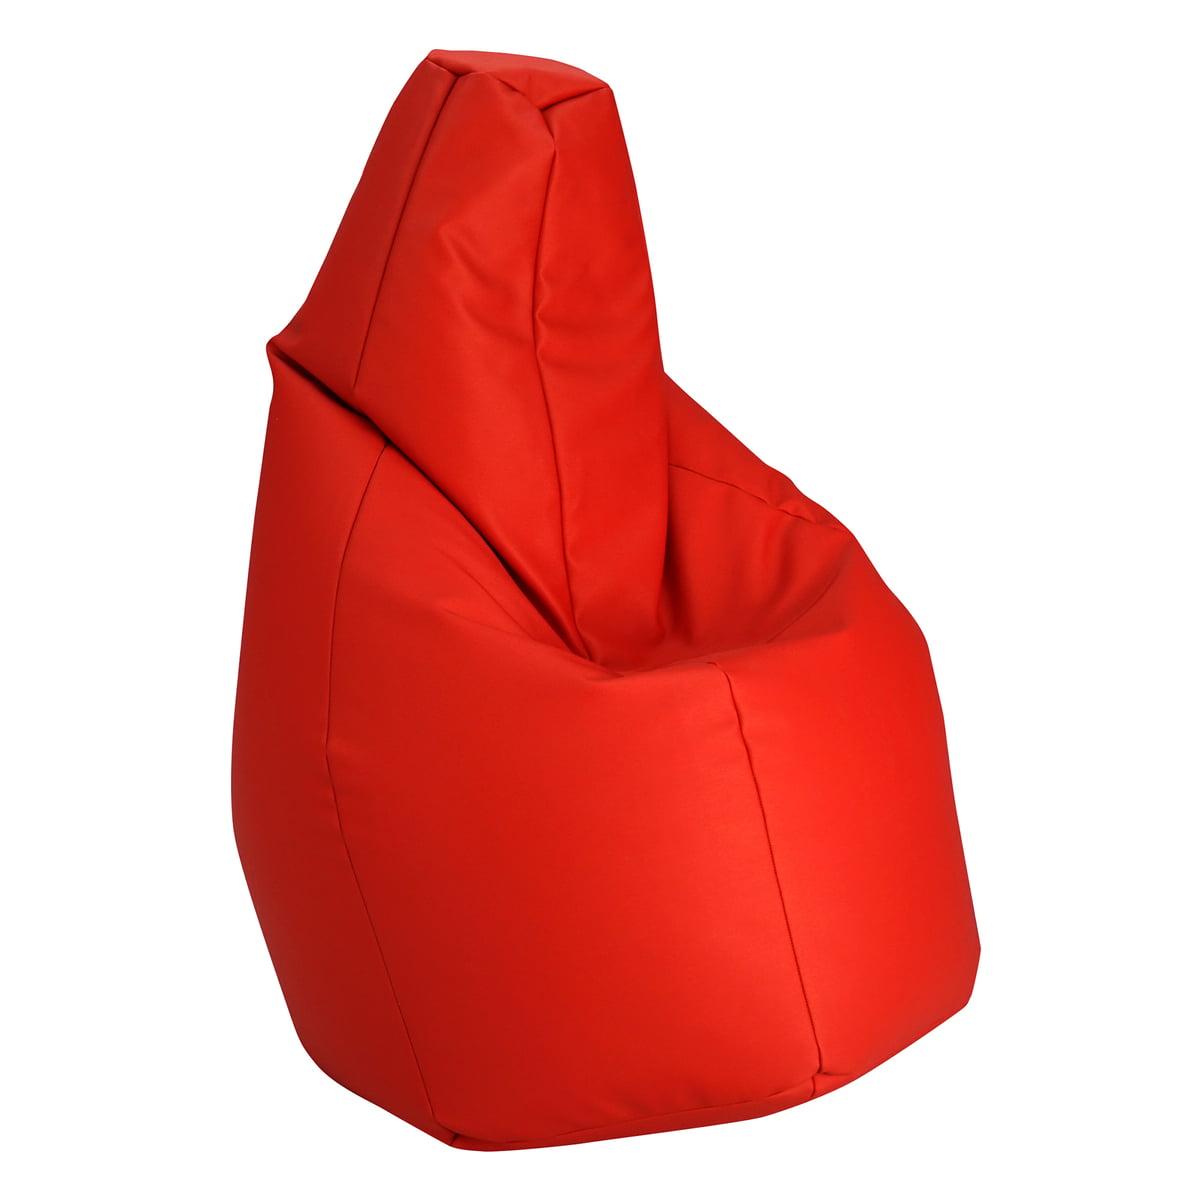 Pouf Zanotta.Sacco Beanbag By Zanotta In The Shop